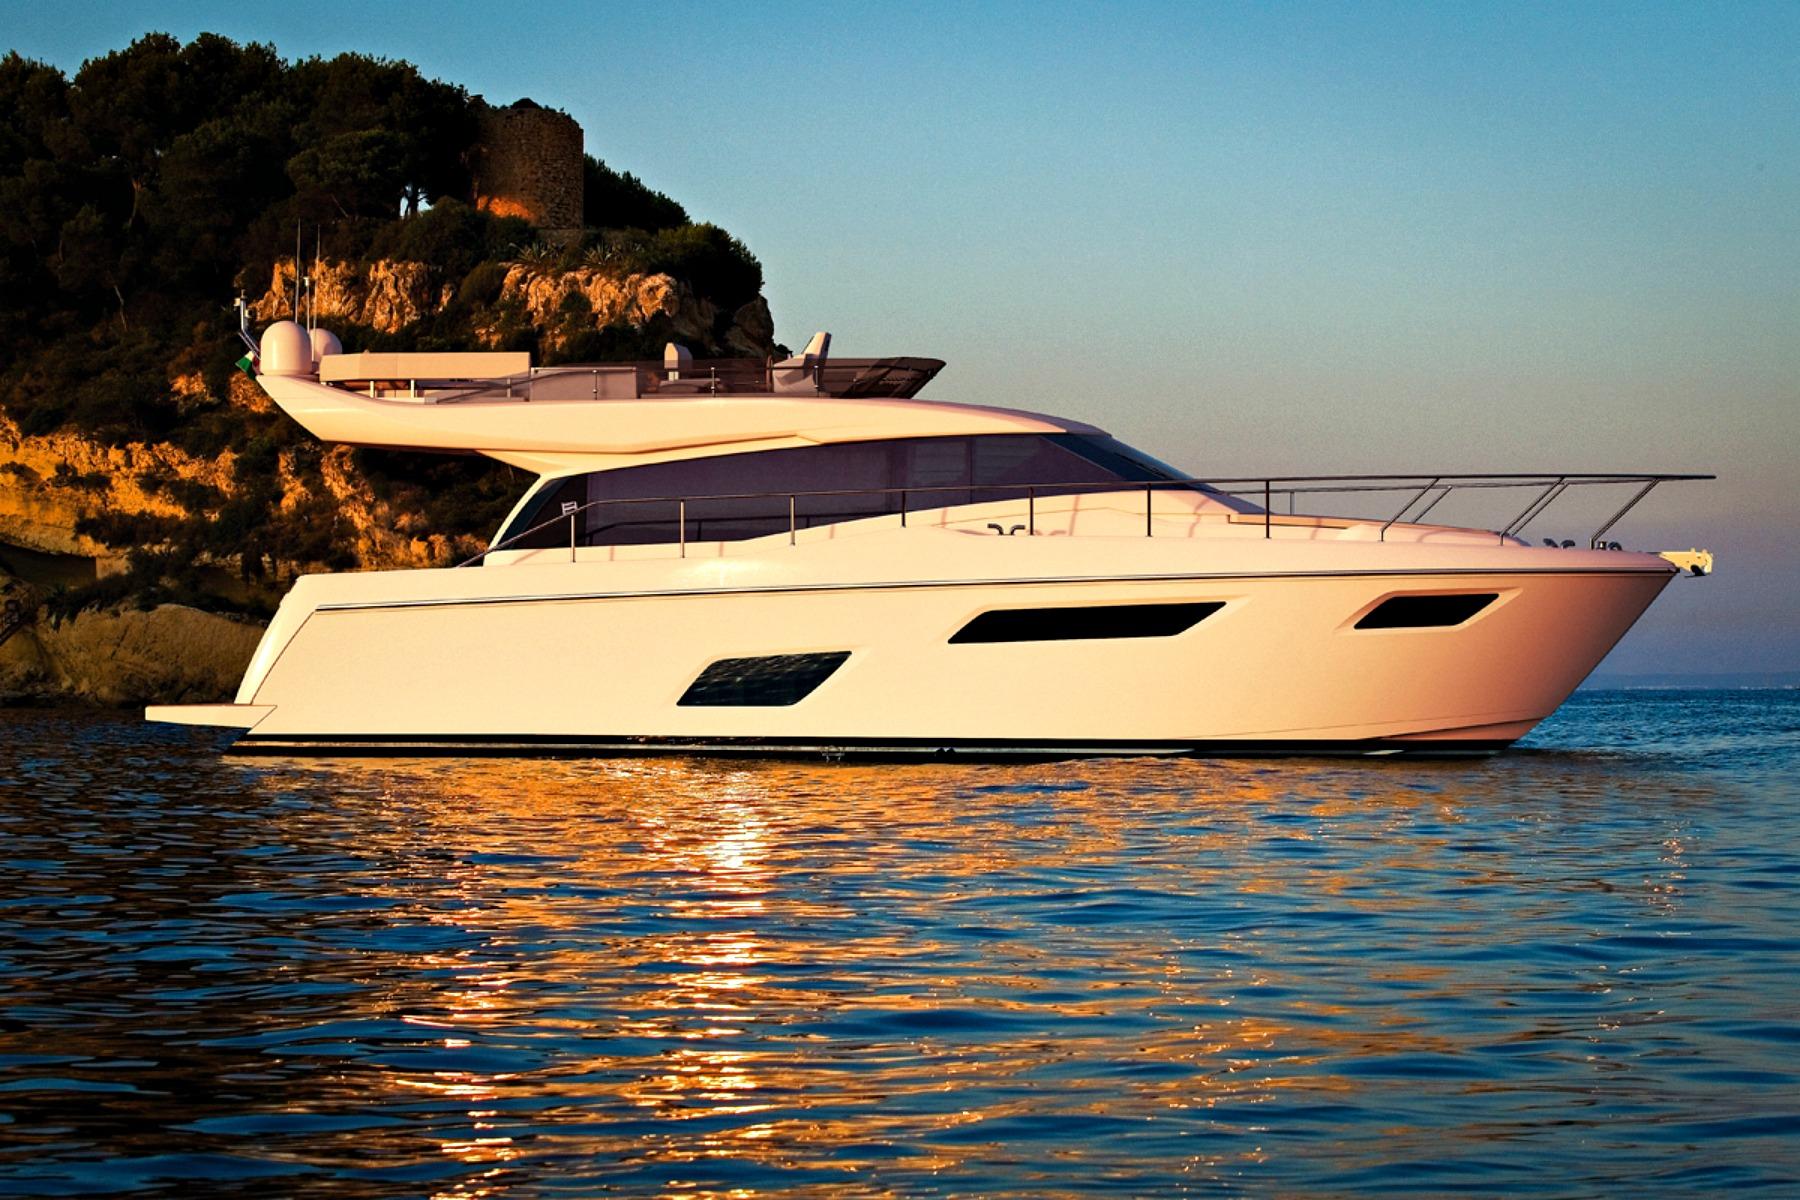 La indetenible Ferretti Yachts nos muestra su modelo 450